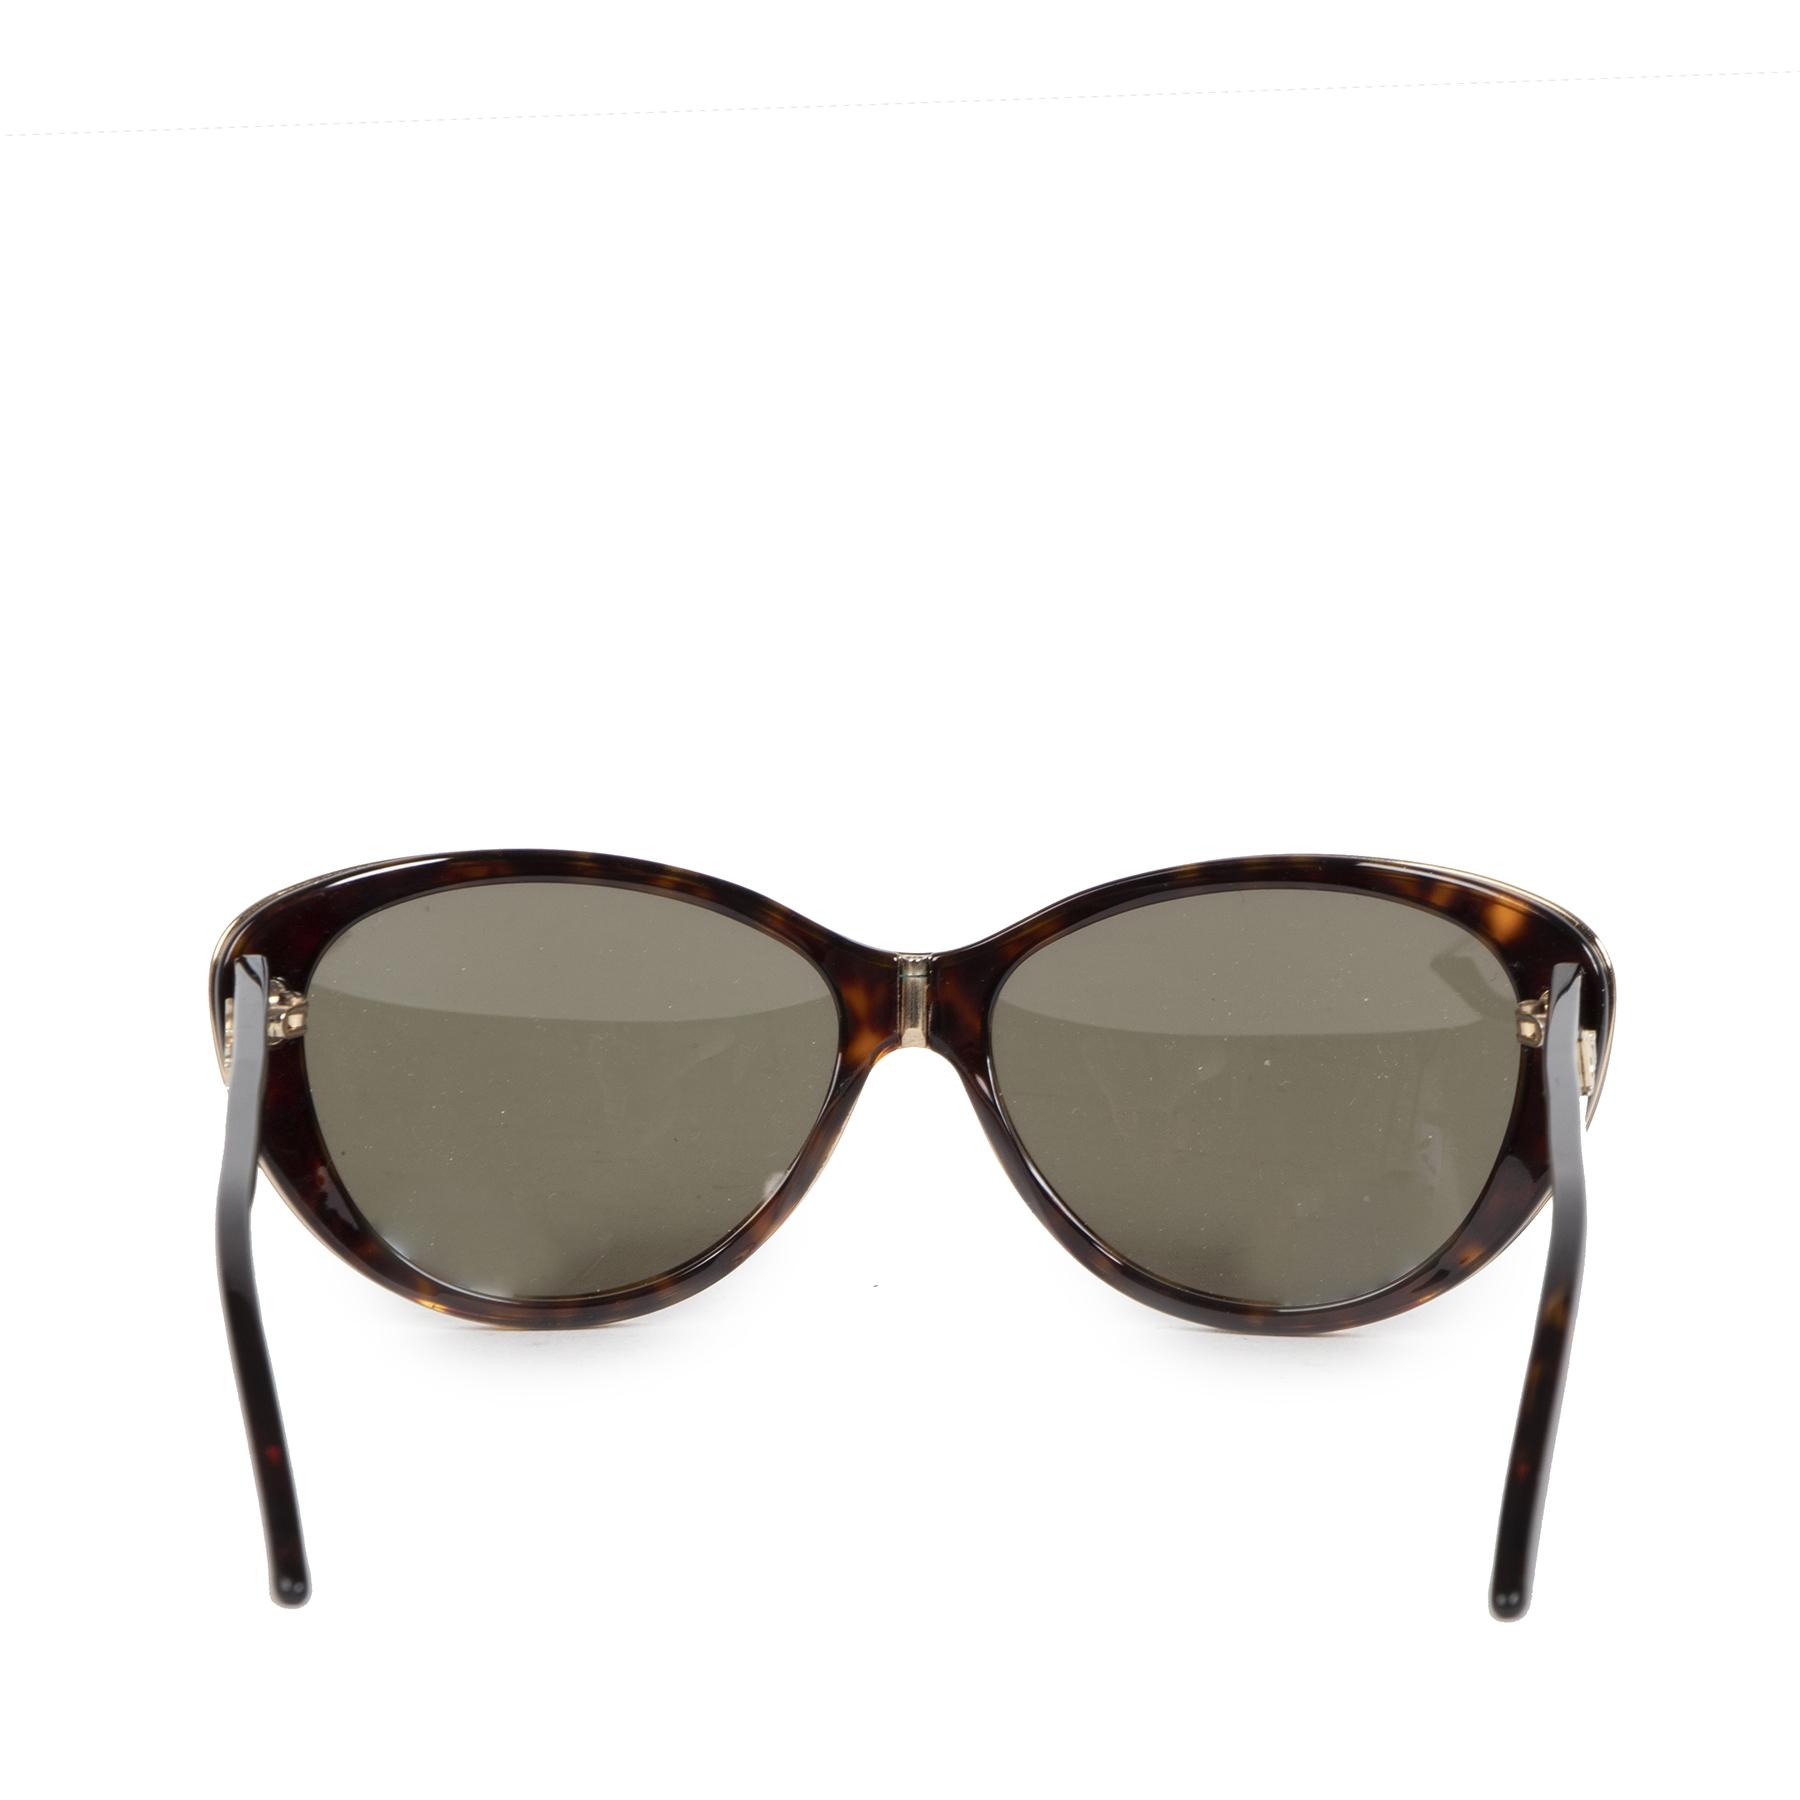 Authentieke Tweedehands Dior Tortoise Oval Sunglasses juiste prijs veilig online shoppen luxe merken webshop winkelen Antwerpen België